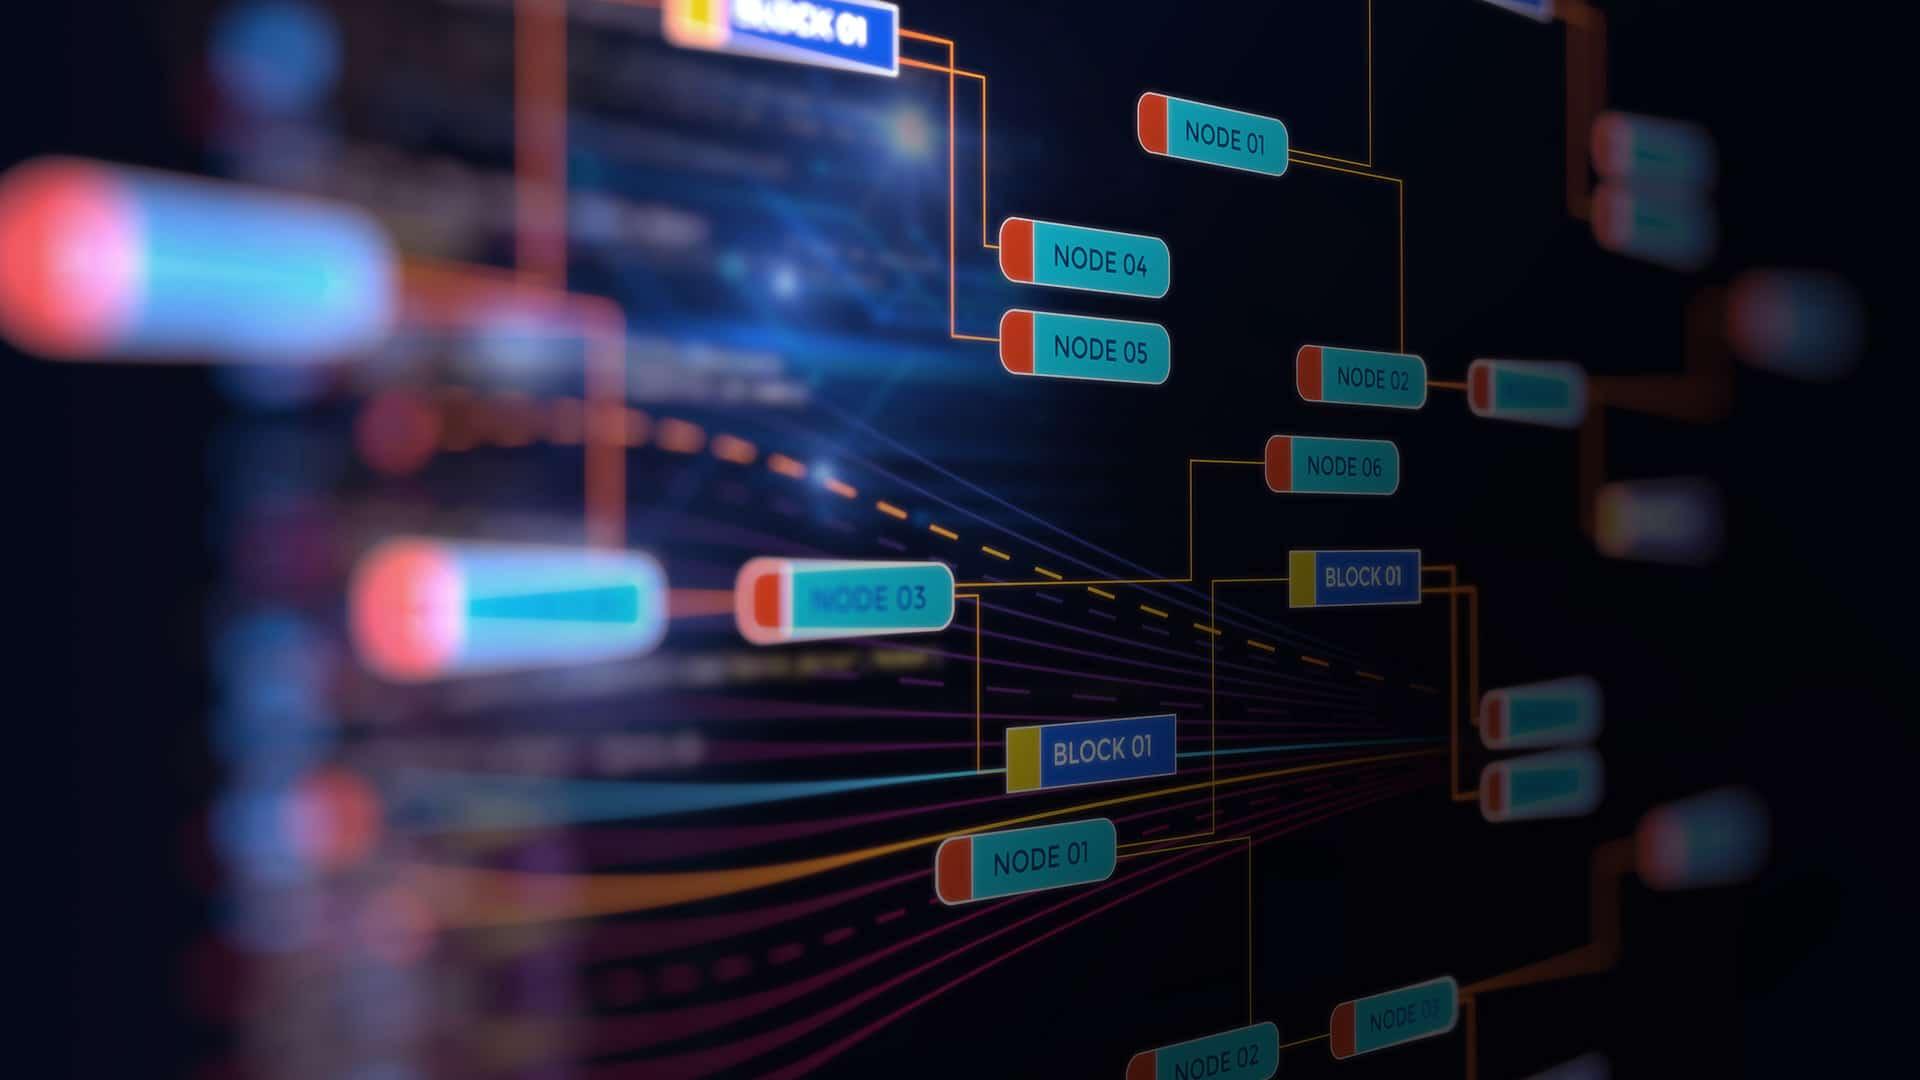 תוכנית עסקית למוצר מבוסס בלוקצ'יין - Blockchain